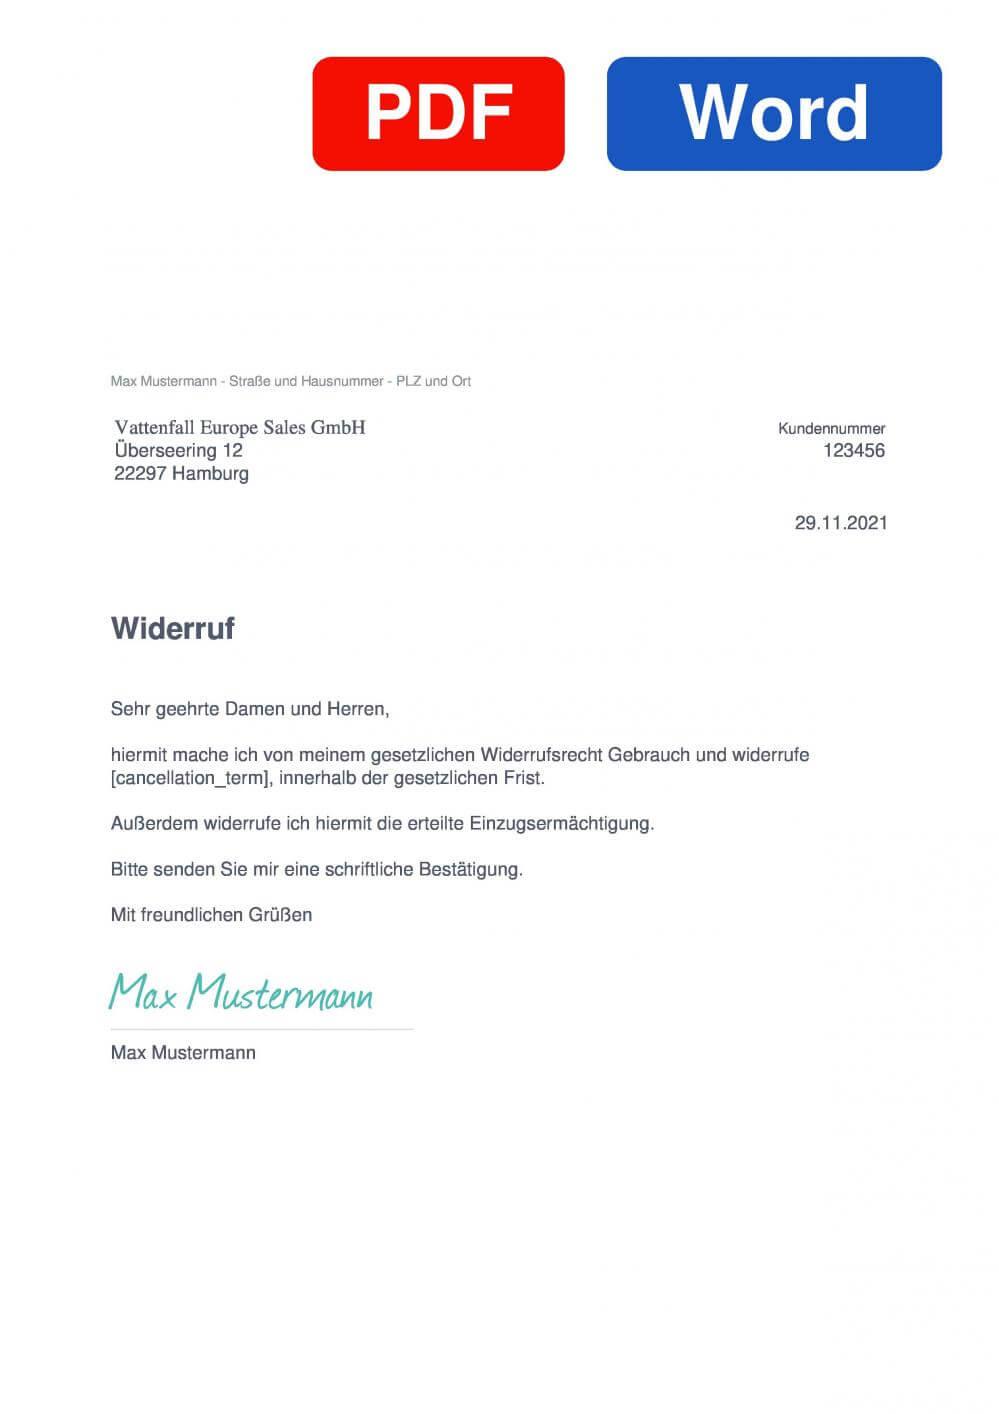 Vattenfall Muster Vorlage für Wiederrufsschreiben